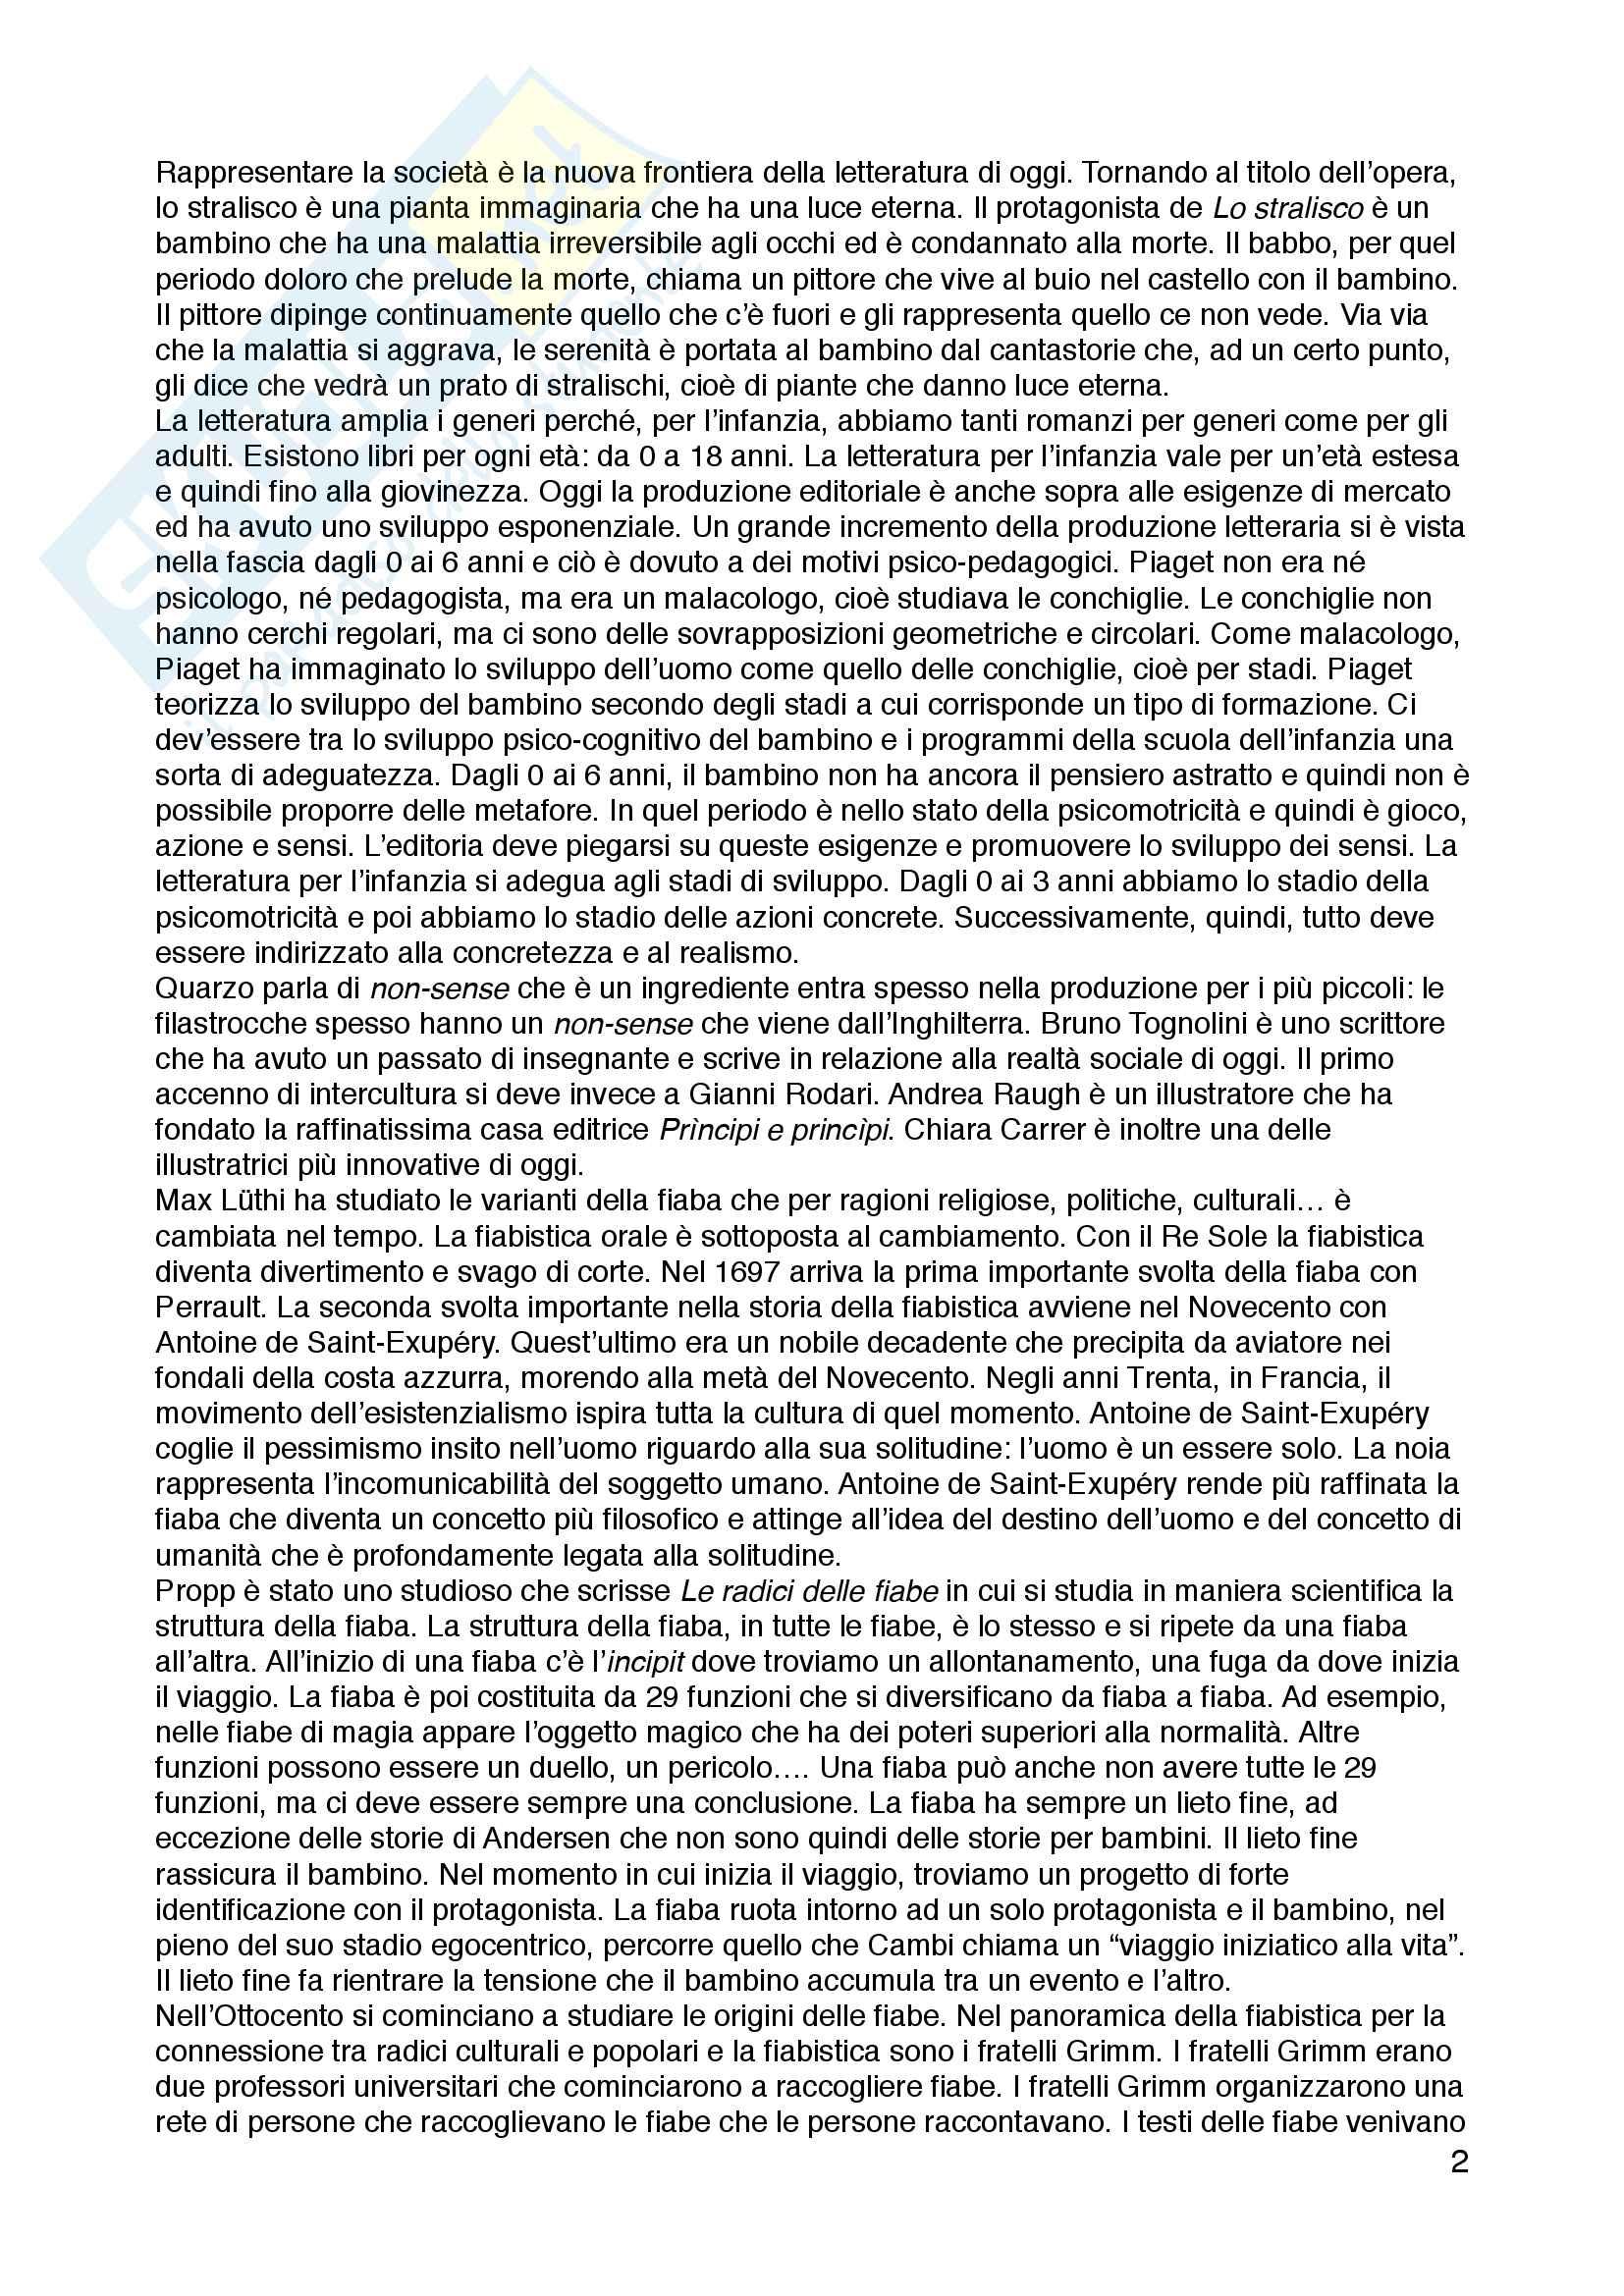 Appunti di letteratura per l'infanzia, Flavia Bacchetti Pag. 2